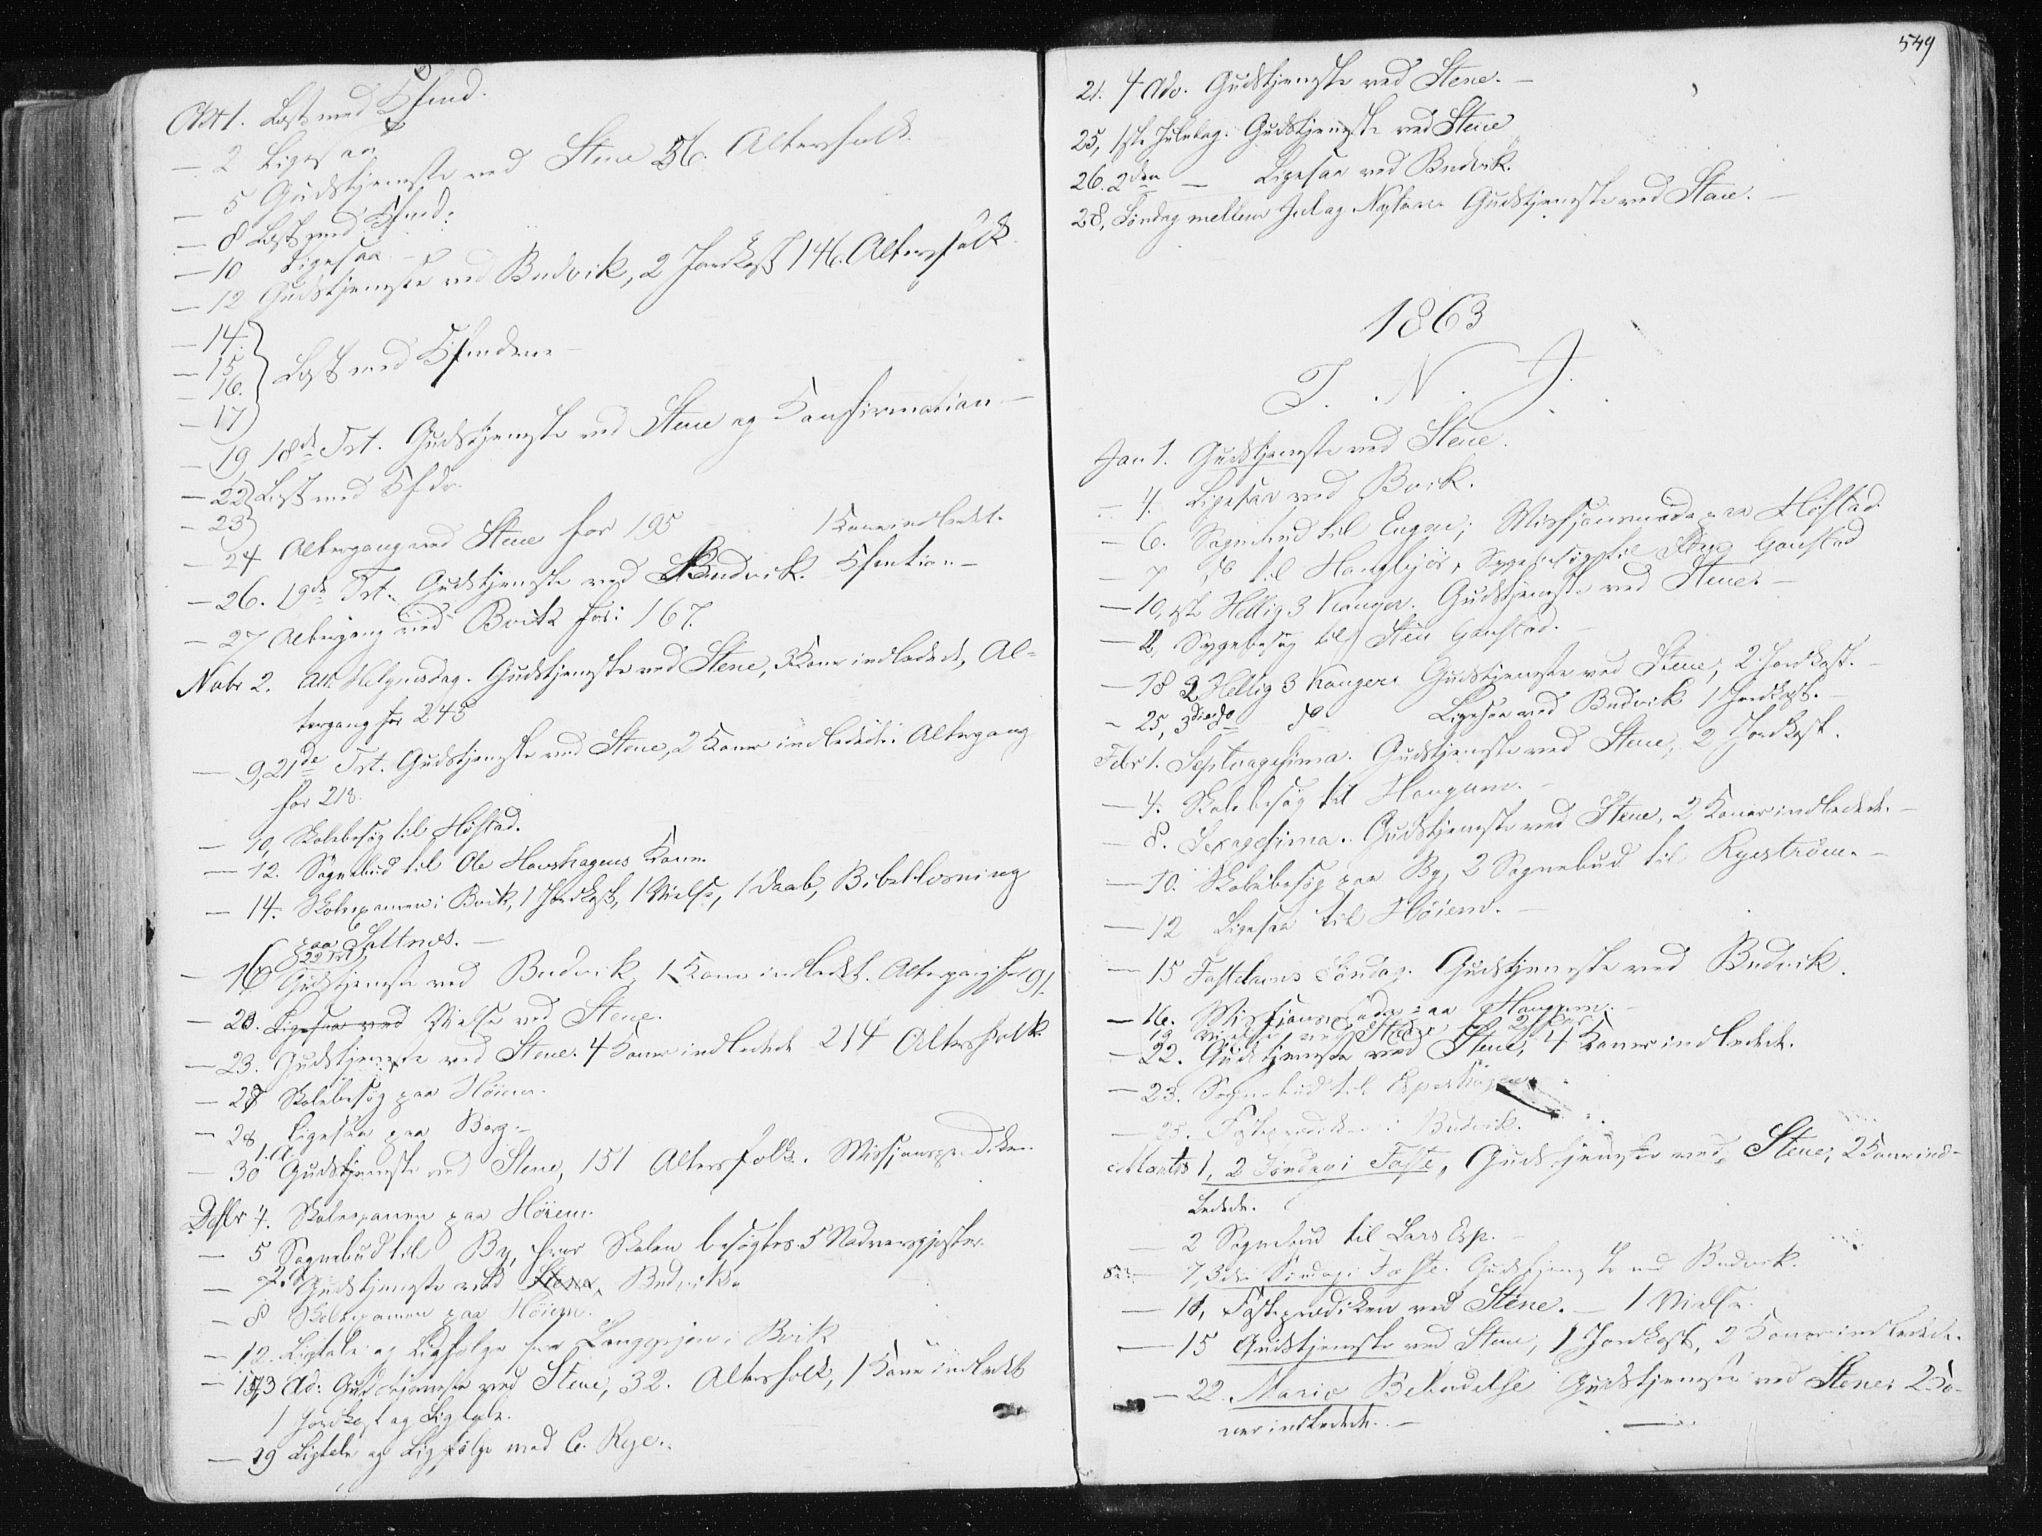 SAT, Ministerialprotokoller, klokkerbøker og fødselsregistre - Sør-Trøndelag, 612/L0377: Ministerialbok nr. 612A09, 1859-1877, s. 549